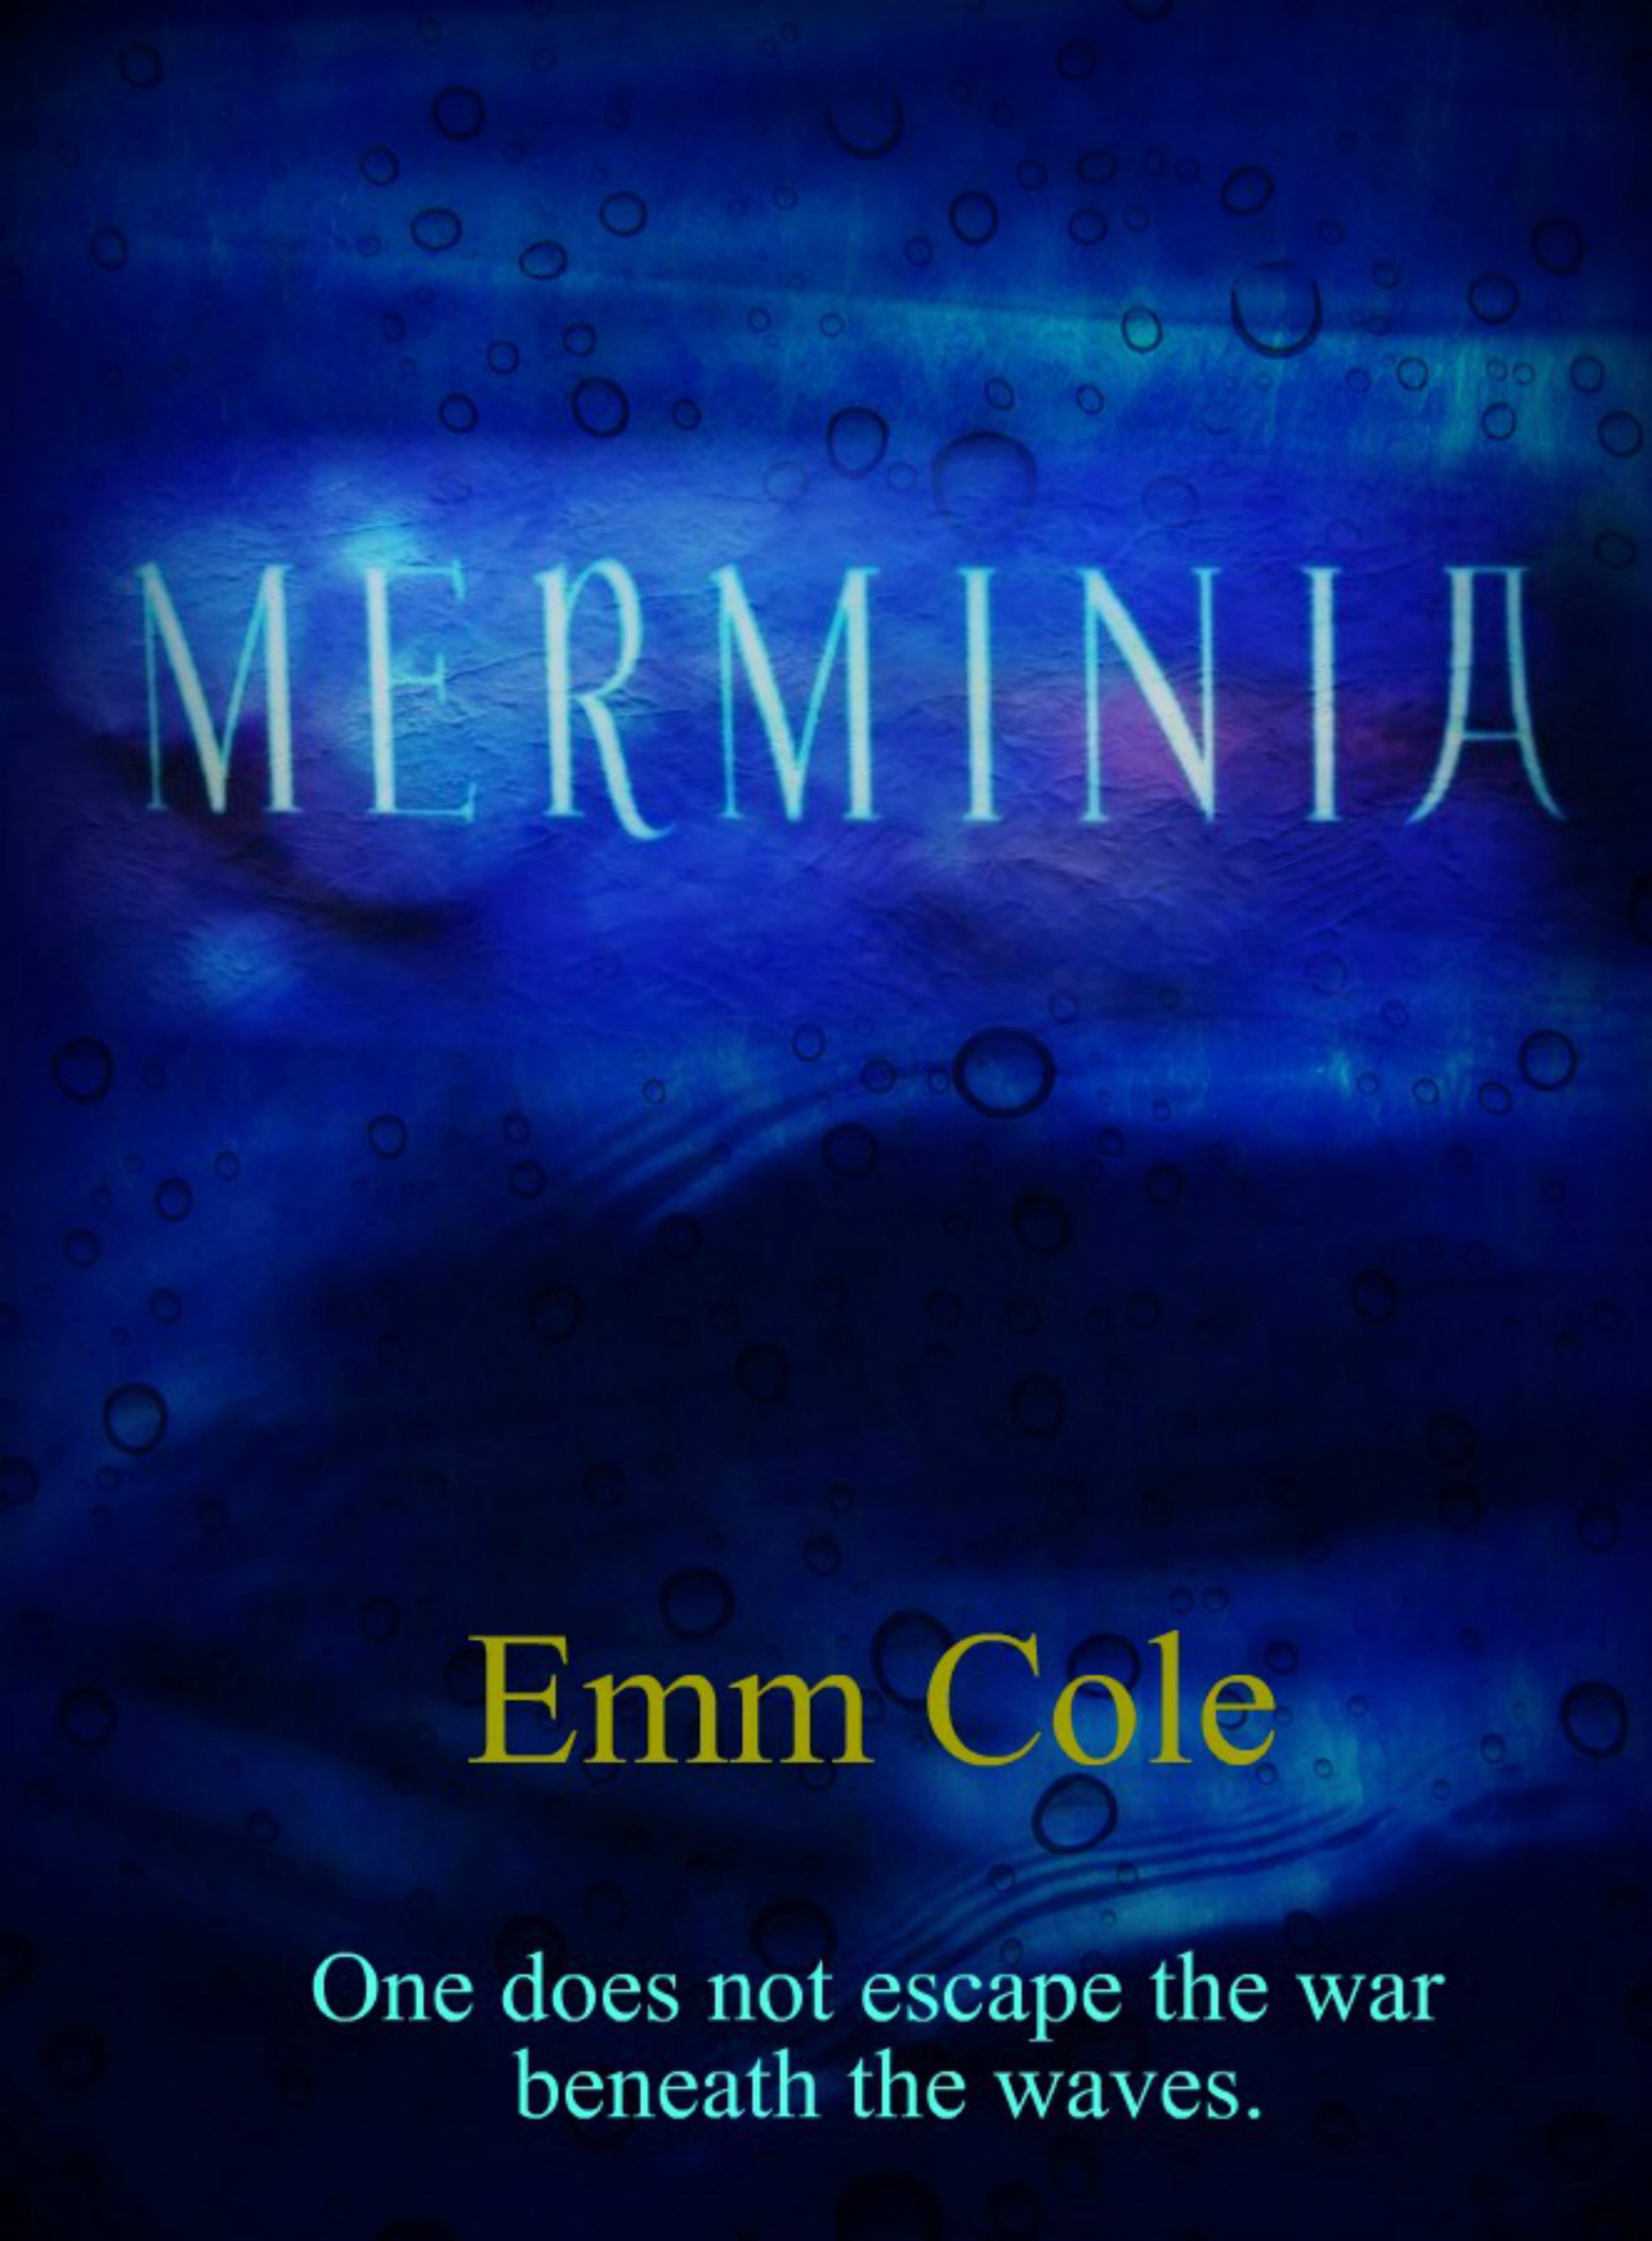 Merminia